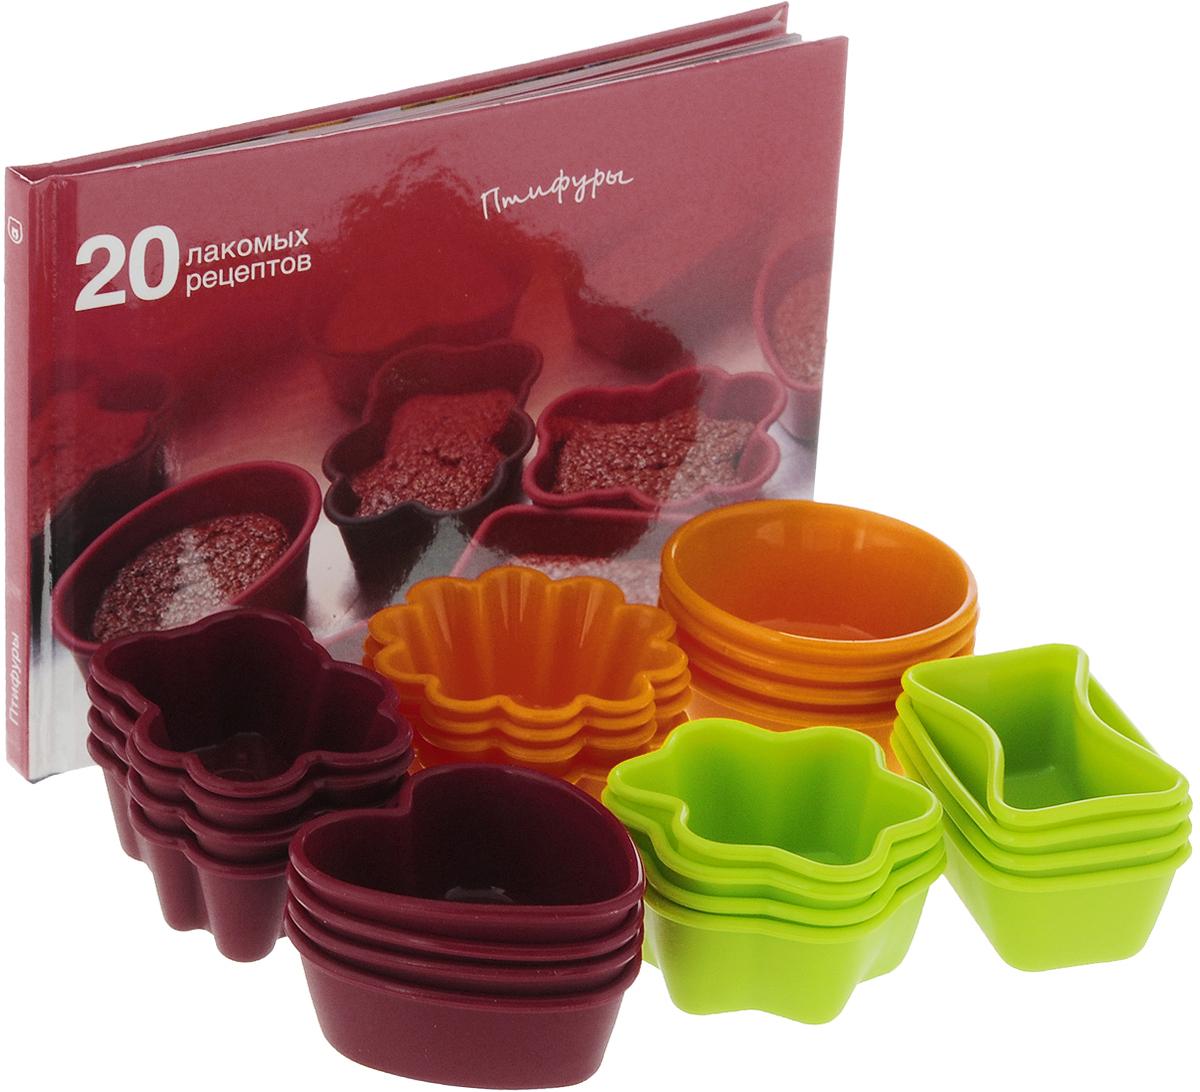 Набор форм для выпечки Oursson, цвет: бордовый, оранжевый, зеленый, 24 штBW0551SS/MCНабор форм Oursson будет отличным выбором для всех любителей домашней выпечки. Набор состоит из 24 силиконовых форм. Силиконовые формы для выпечки имеют множество преимуществ по сравнению с традиционными металлическими формами и противнями. Нет необходимости смазывать форму маслом. Она быстро нагревается, равномерно пропекает, не допускает подгорания выпечки с краев или снизу. Материал устойчив к фруктовым кислотам, не ржавеет, на нем не образуются пятна. В комплекте к формам идет книга с 20 рецептами для приготовления Птифуров. Формы могут быть использованы в духовых шкафах и микроволновых печах (выдерживают температуру от -20°С до +220°С), также их можно помещать в морозильную камеру и холодильник.